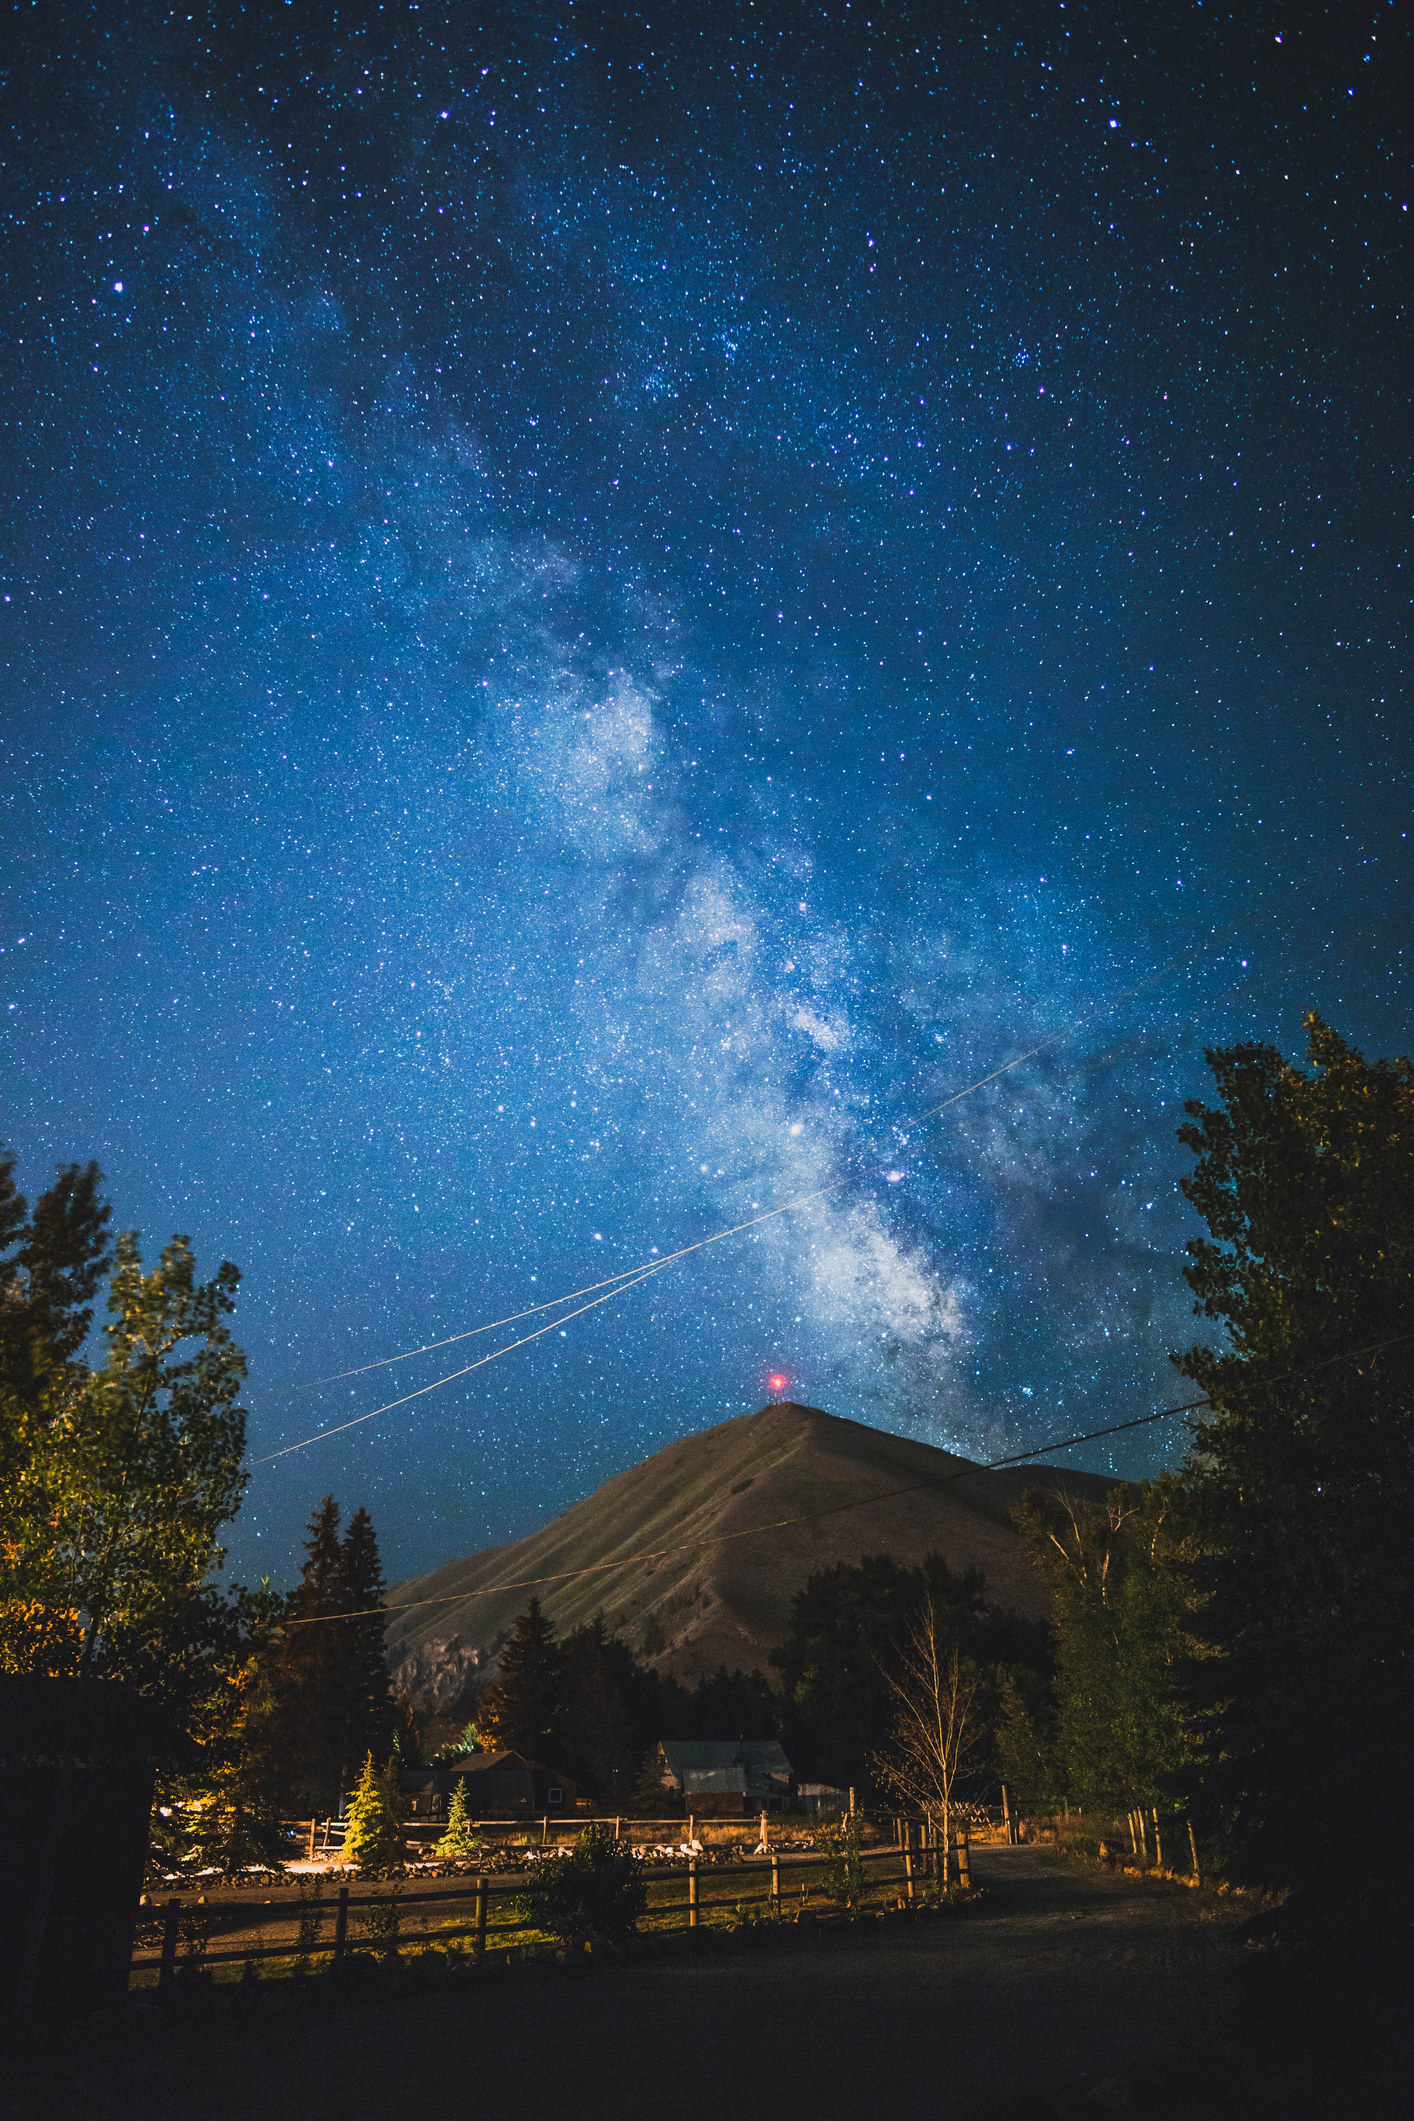 the milky way glistens in the night sky over Della Mountain in idaho